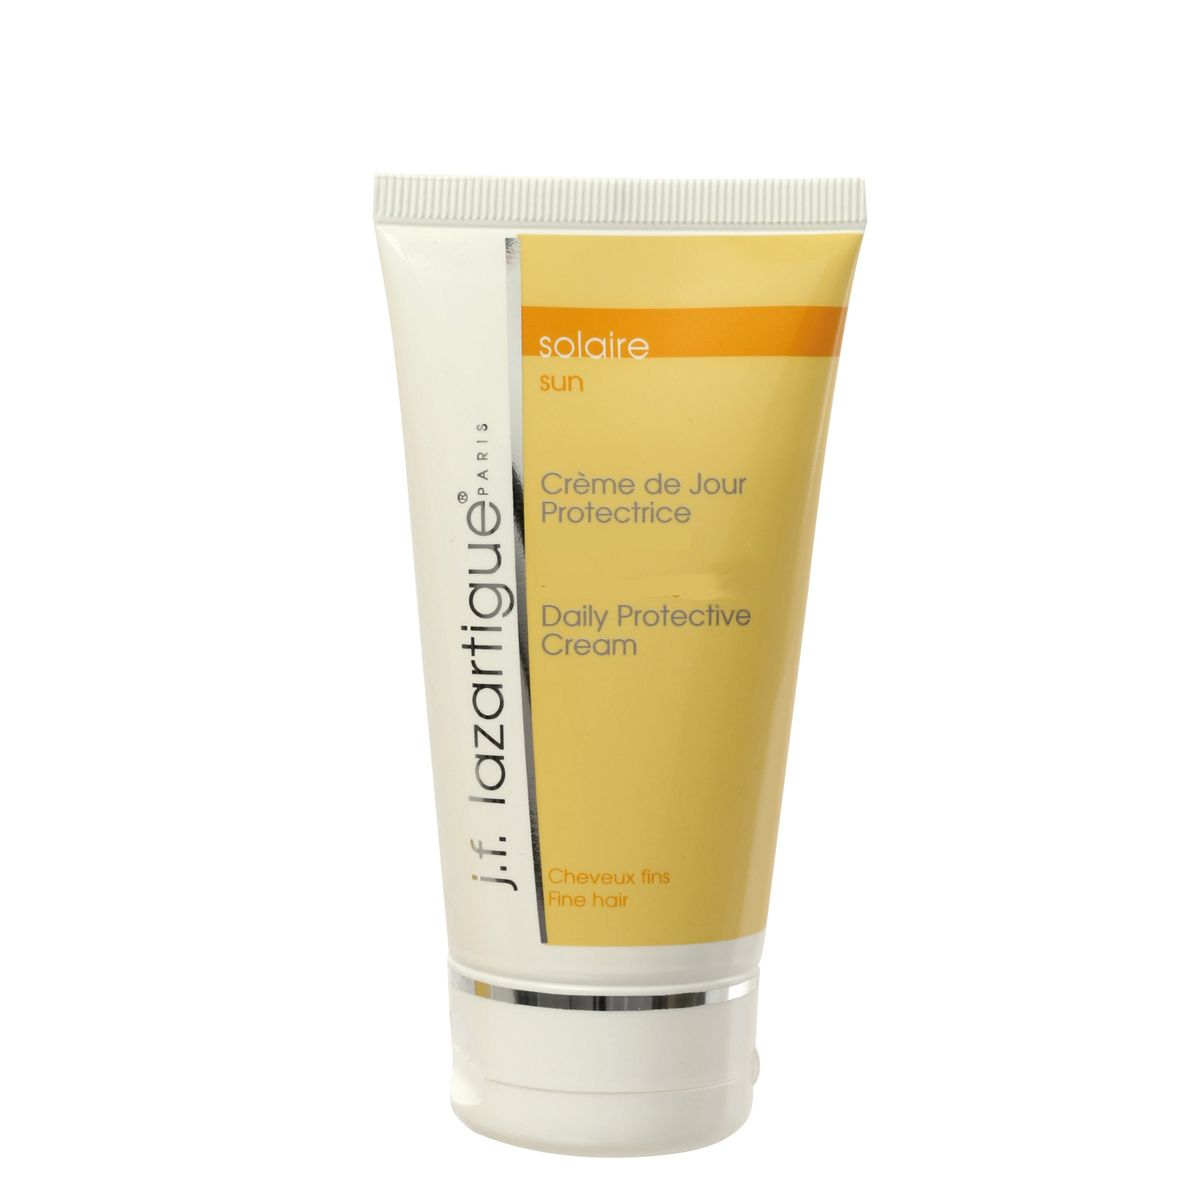 J.F.Lazartigue Солнцезащитный крем для волос для ежедневного использования 75 мл1613484Крем легкой текстуры (крем-гель), обогащенный маслами макадамии и малины, питает волосы, делает их более послушными. Витамин F защищает волосы от внешних агрессивных факторов (загрязнений окружающей среды, ветра, солнечных лучей, морской воды и т.п.). Солнцезащитные фильтры (в том числе натуральные – экстракт подсолнечника) предотвращают выгорание волос после длительного пребывания на солнце. Крем помогает контролировать накопление в волосах статического электричества. Не утяжеляет волосы. Рекомендуется для тонких, сухих и тусклых волос.